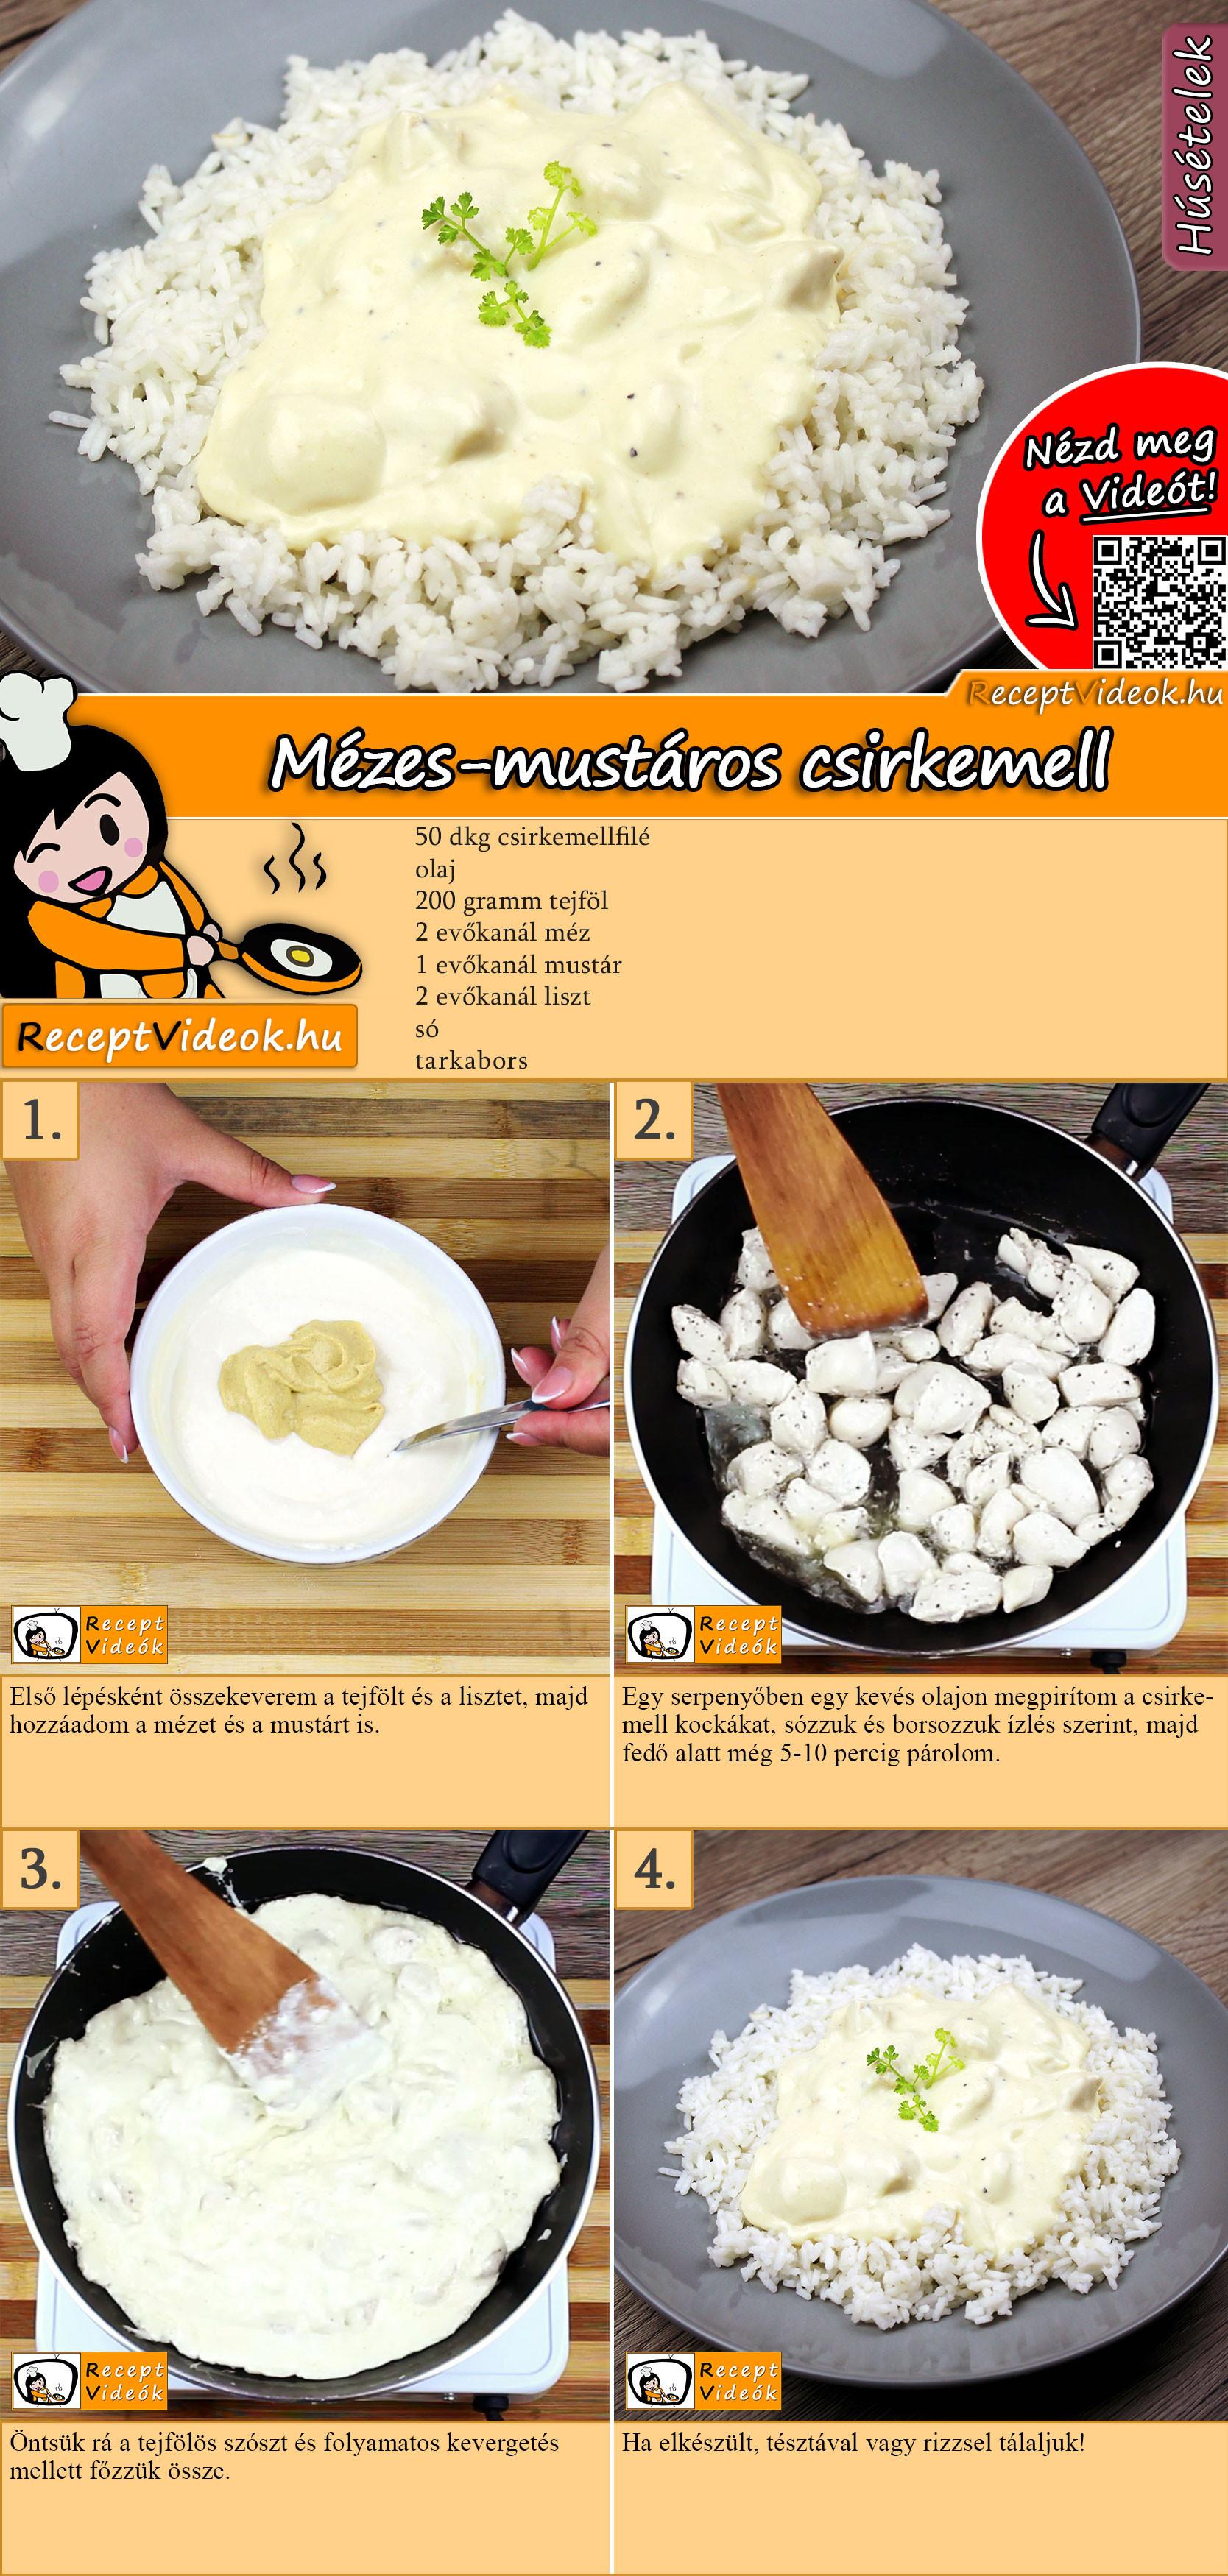 Mézes-mustáros csirkemell recept elkészítése videóval